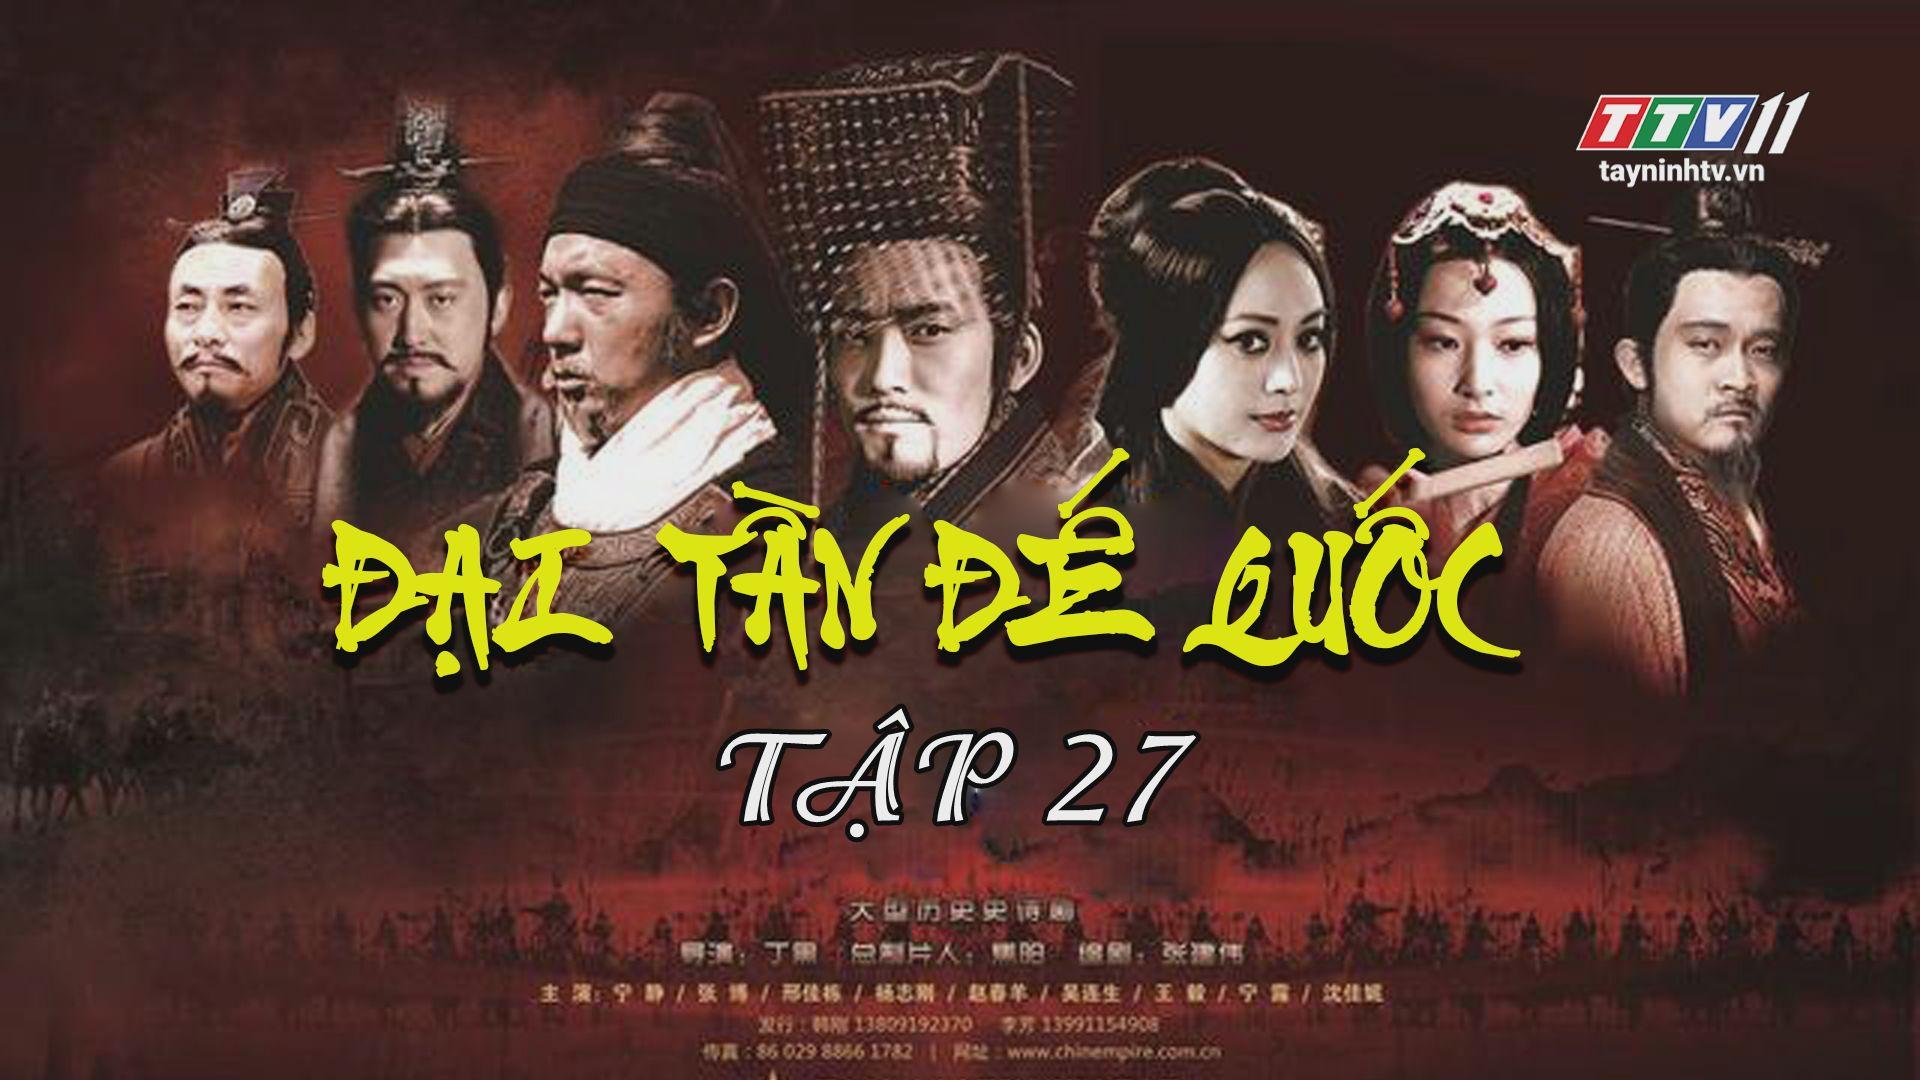 Tập 27 | ĐẠI TẦN ĐẾ QUỐC - Phần 3 - QUẬT KHỞI - FULL HD | TayNinhTV